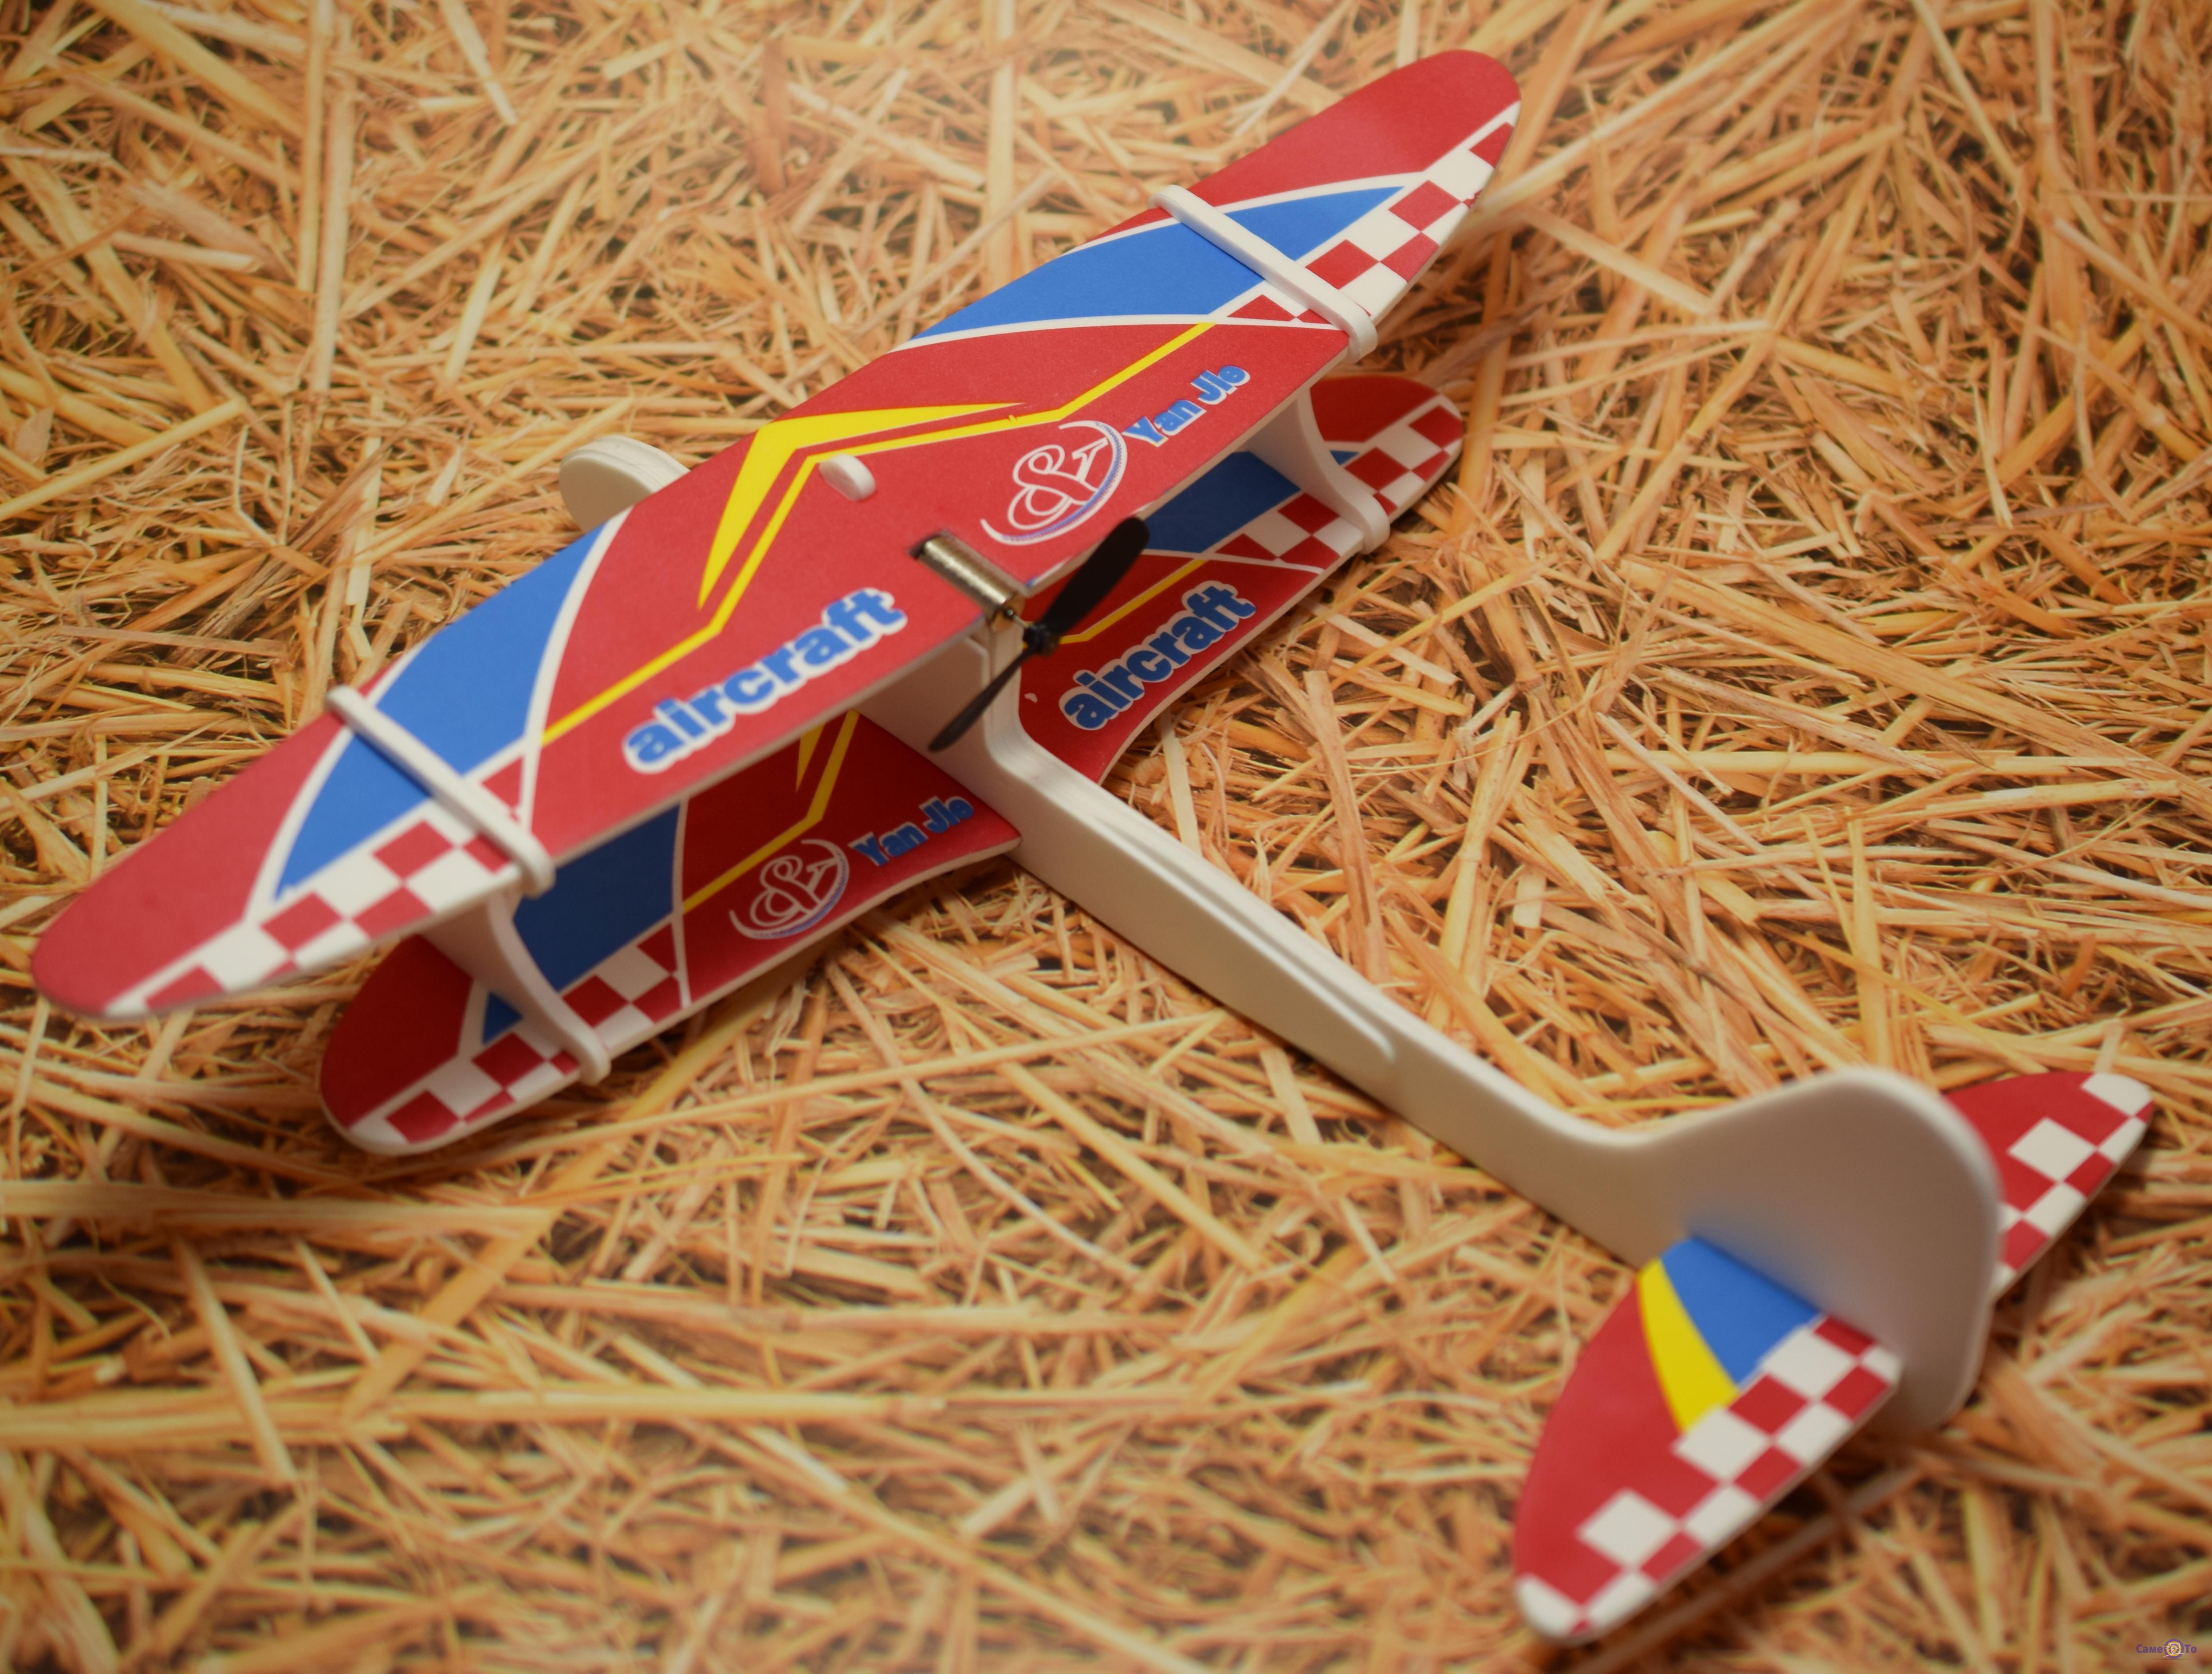 Метательный планер - детский самолет из пенопласта, игрушка Aircraft